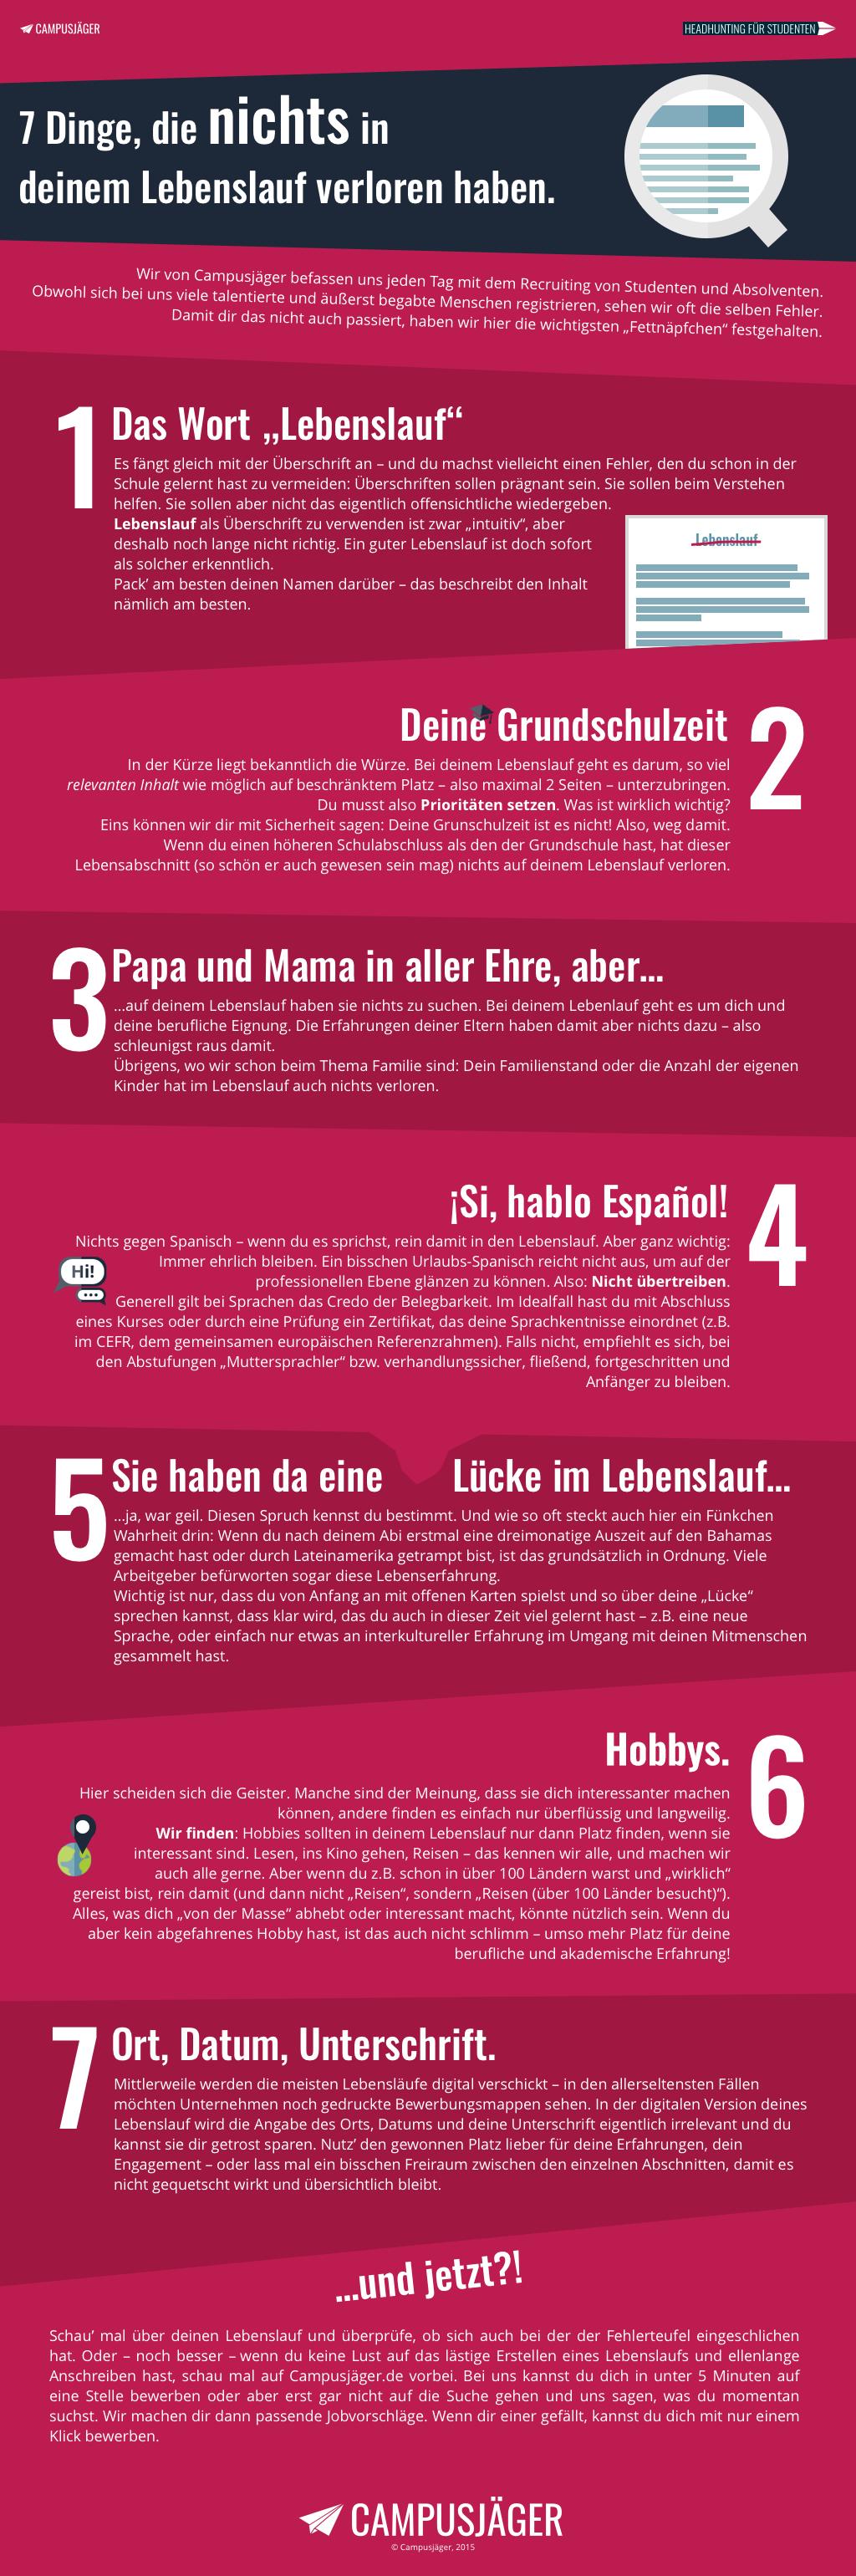 Sieben Dinge, elita